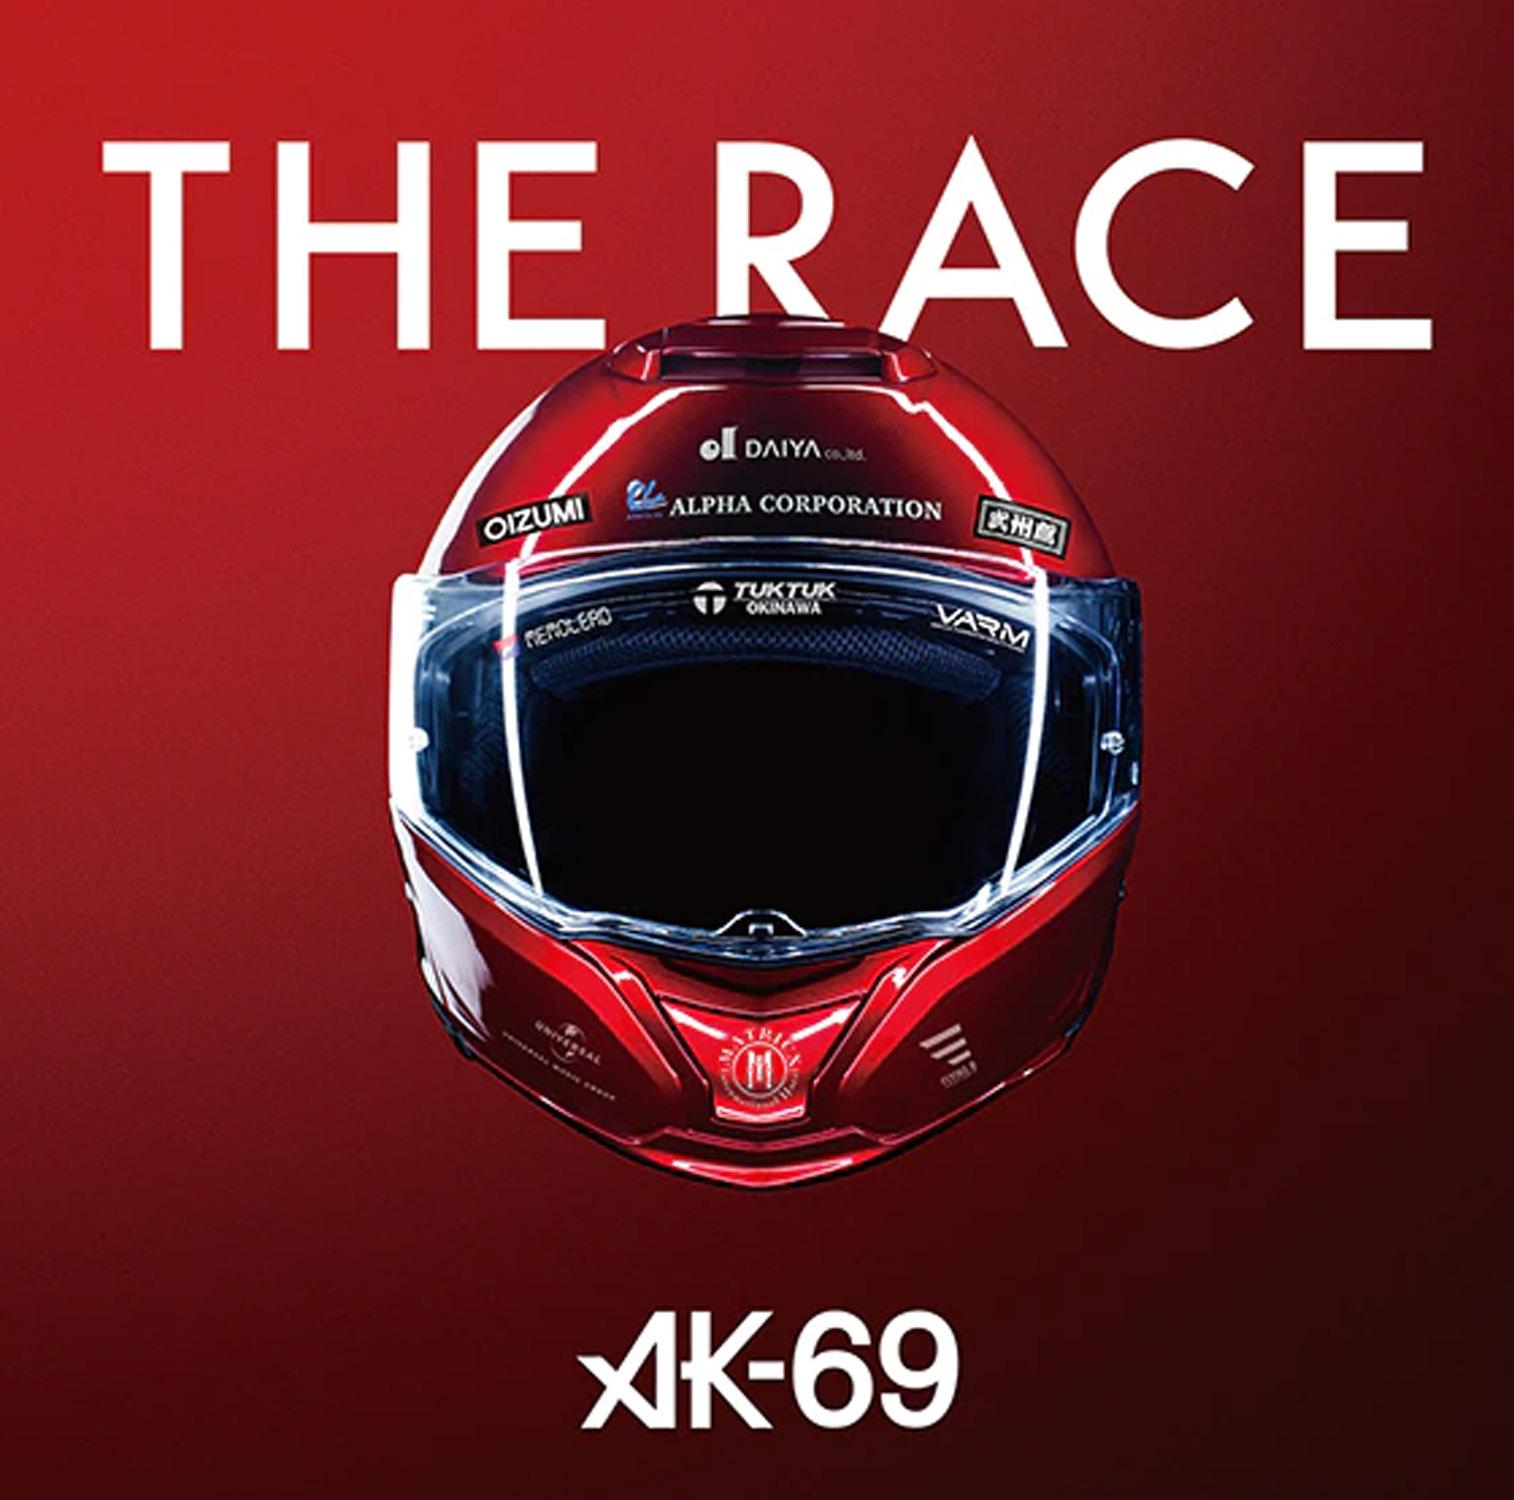 AK-69 - The Race